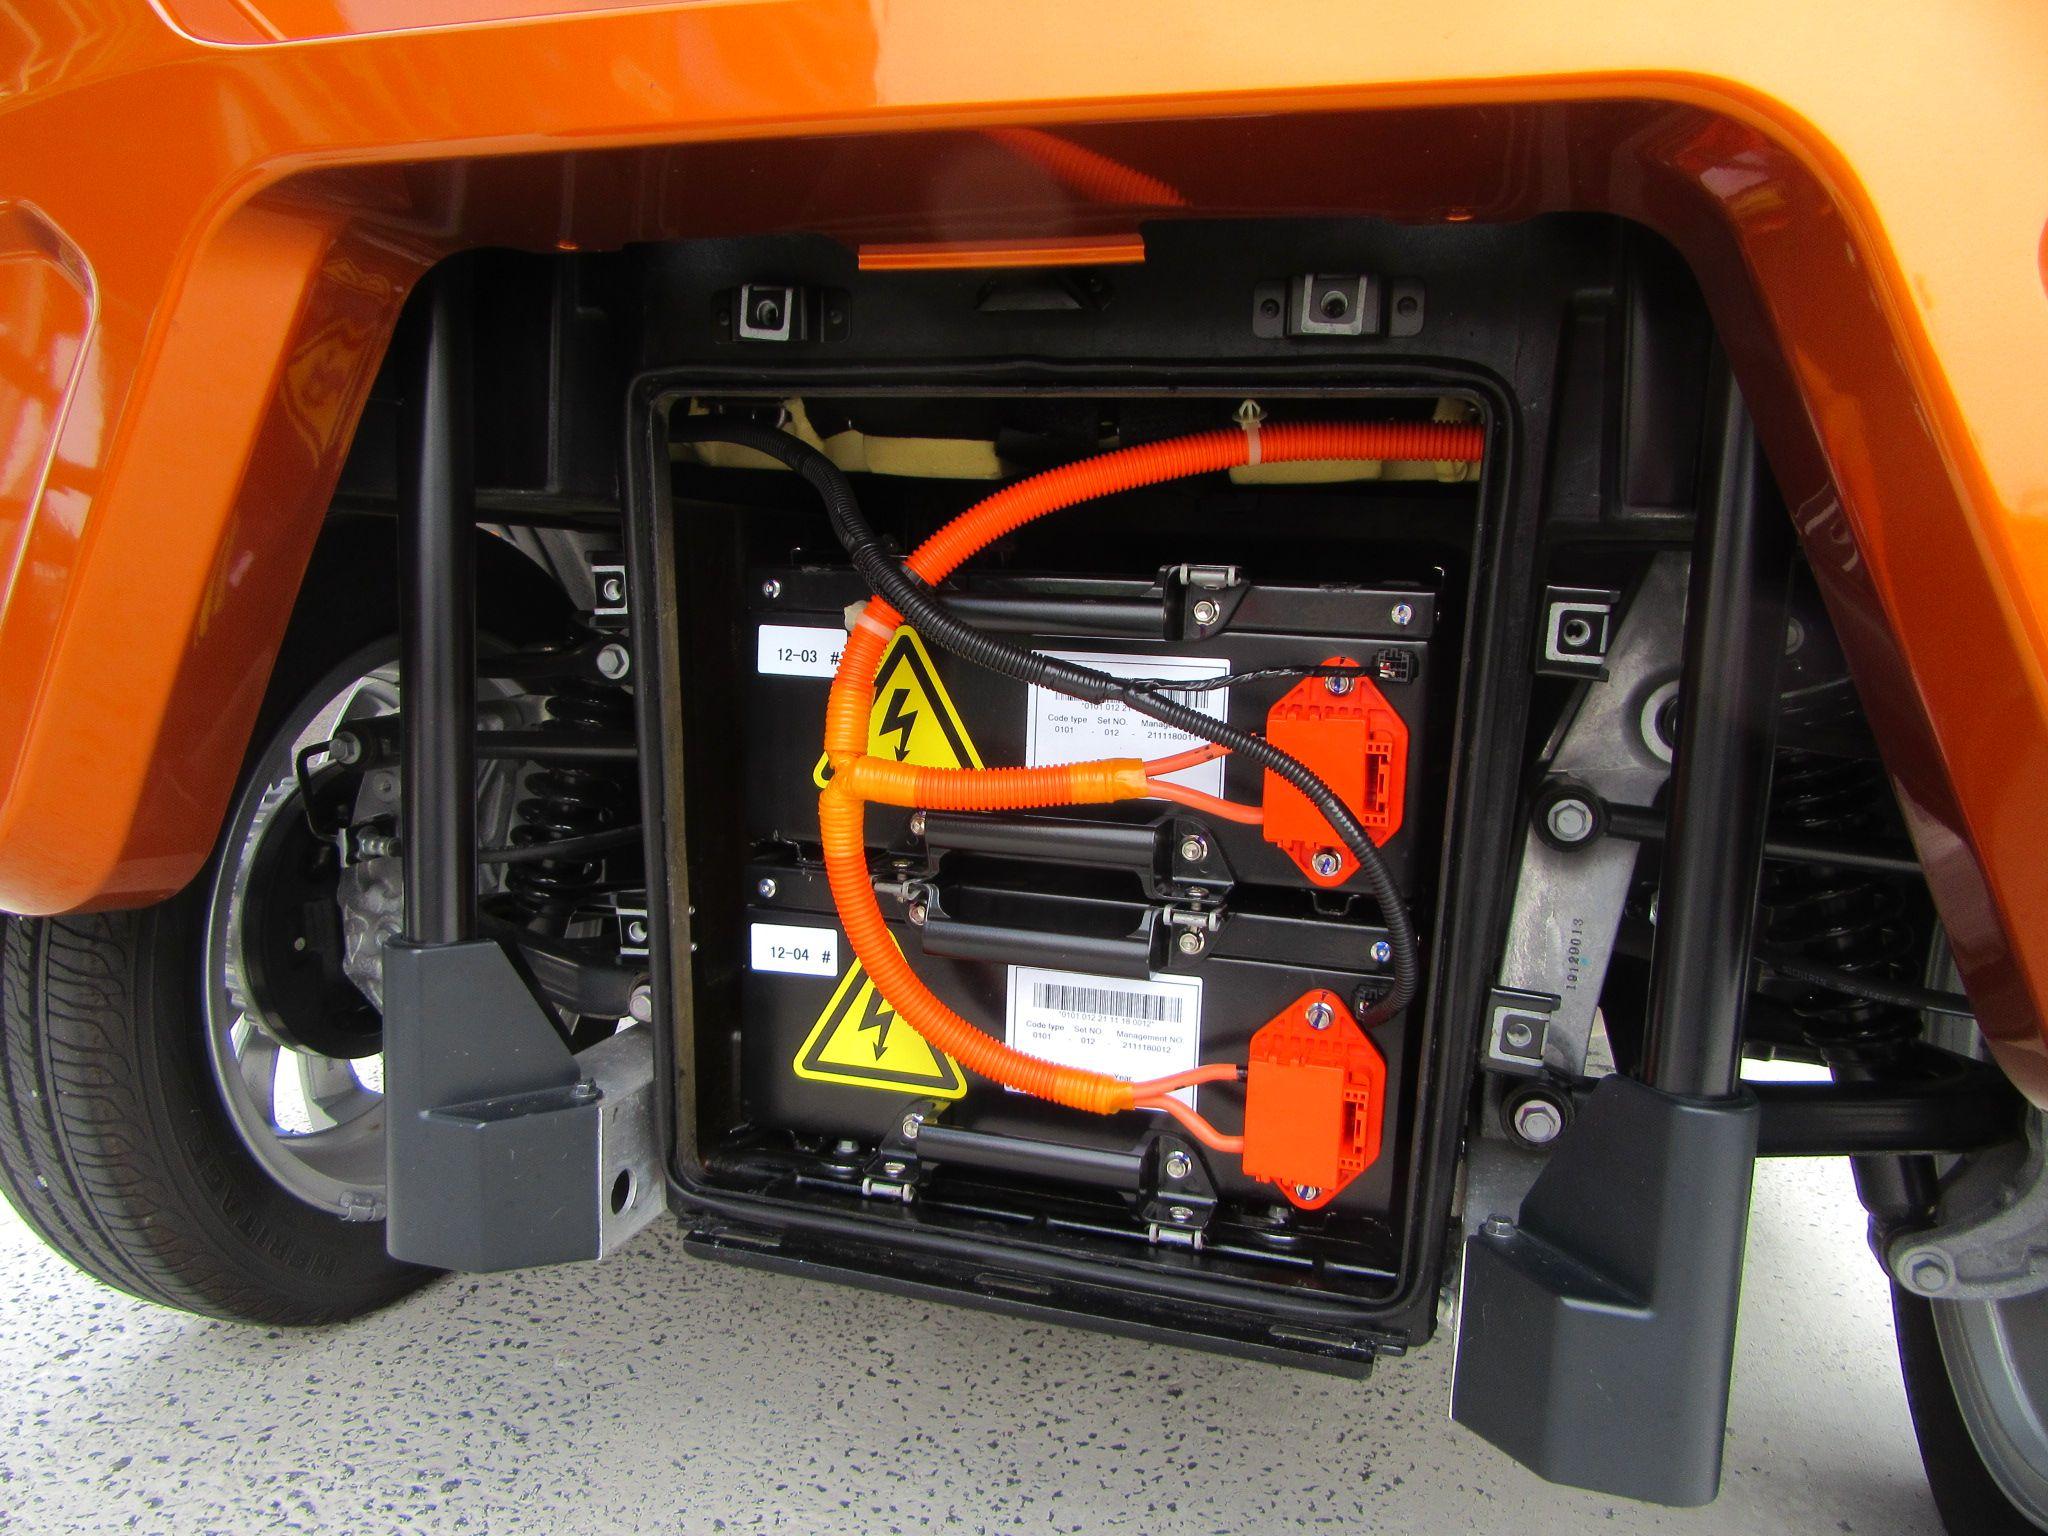 充電要らずの着脱式バッテリーEVに注目、電動バイクや超小型モビリティで活路